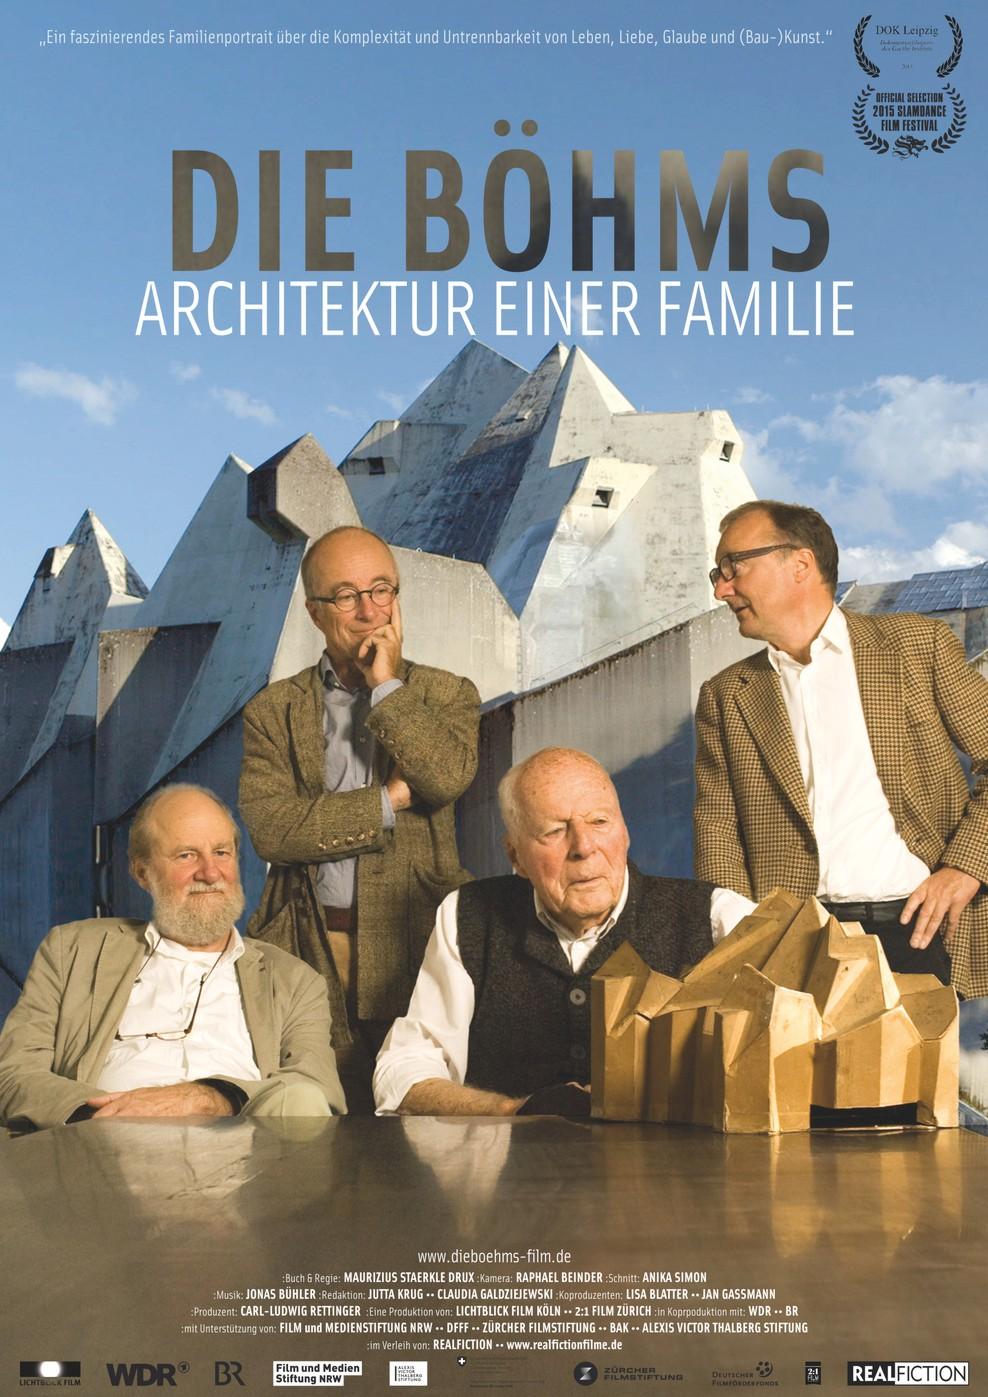 Die Böhms - Architektur einer Familie (Poster)